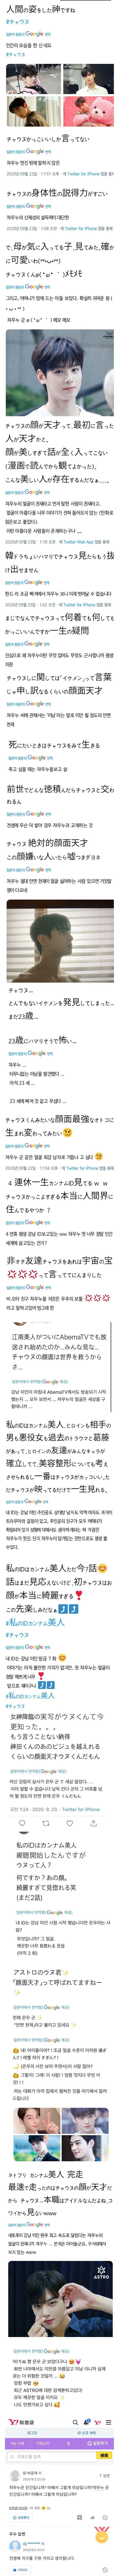 viewimage.php?id=2fbcc323e7d334aa51b1d3a24781&no=24b0d769e1d32ca73fec8ffa11d0283194eeae3ea3f7d0da351cf9d3408070130c1a73e7958e9aea47457f0b2a9763425bc7f3e788c7990b48c3e68182617188f216da0bb702cefb99